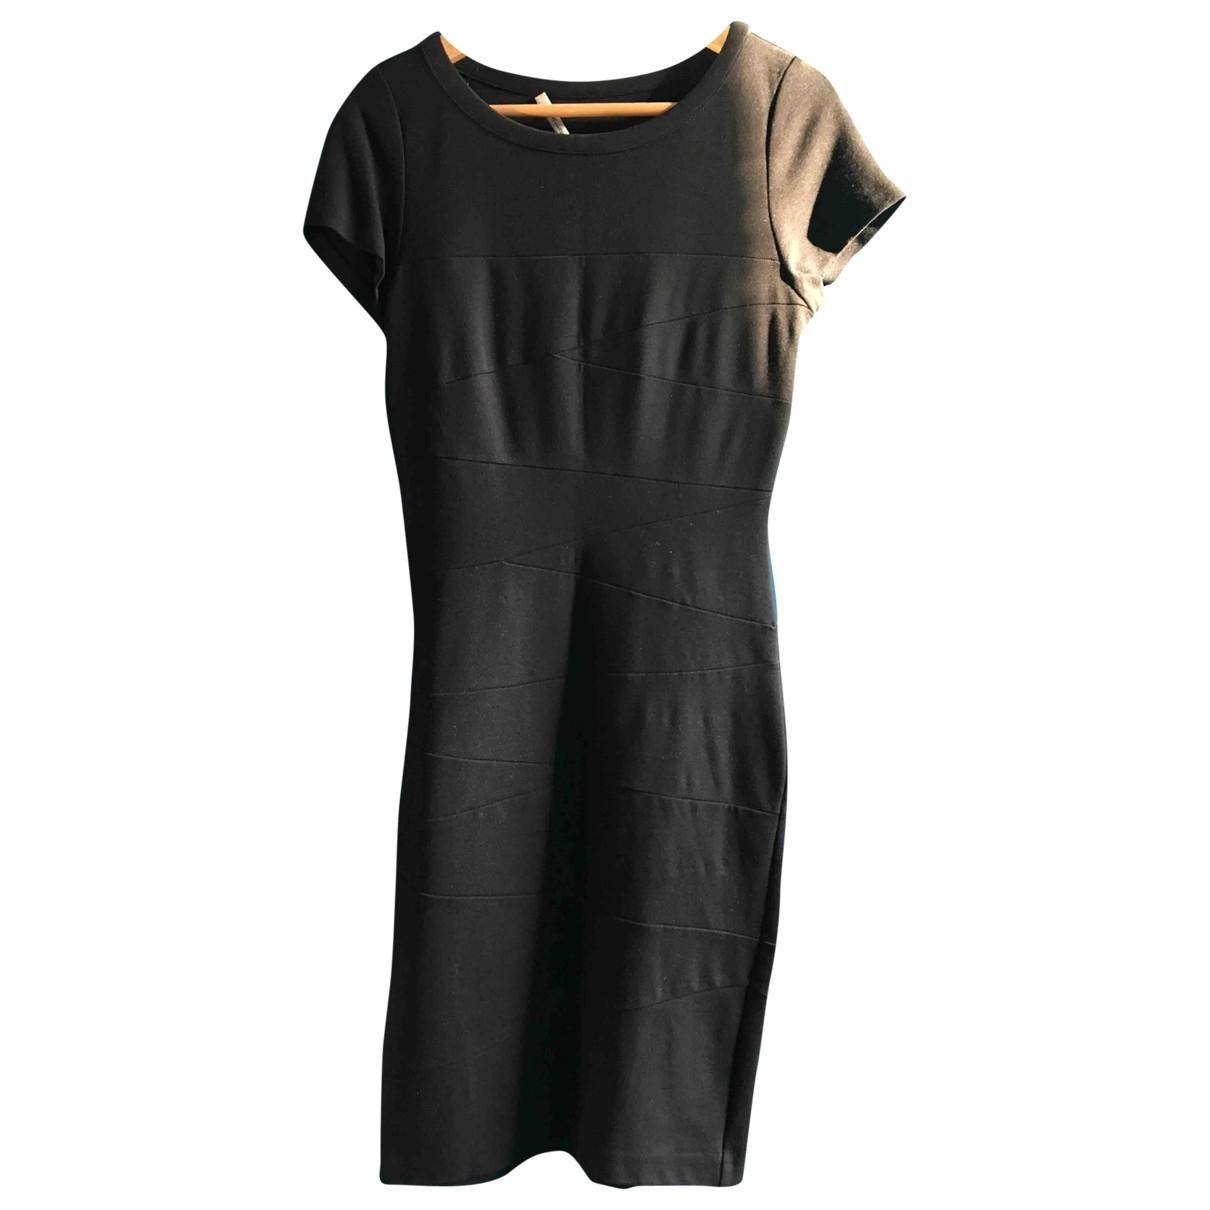 Diane Von Furstenberg \N Black Cotton - elasthane dress for Women 38 FR